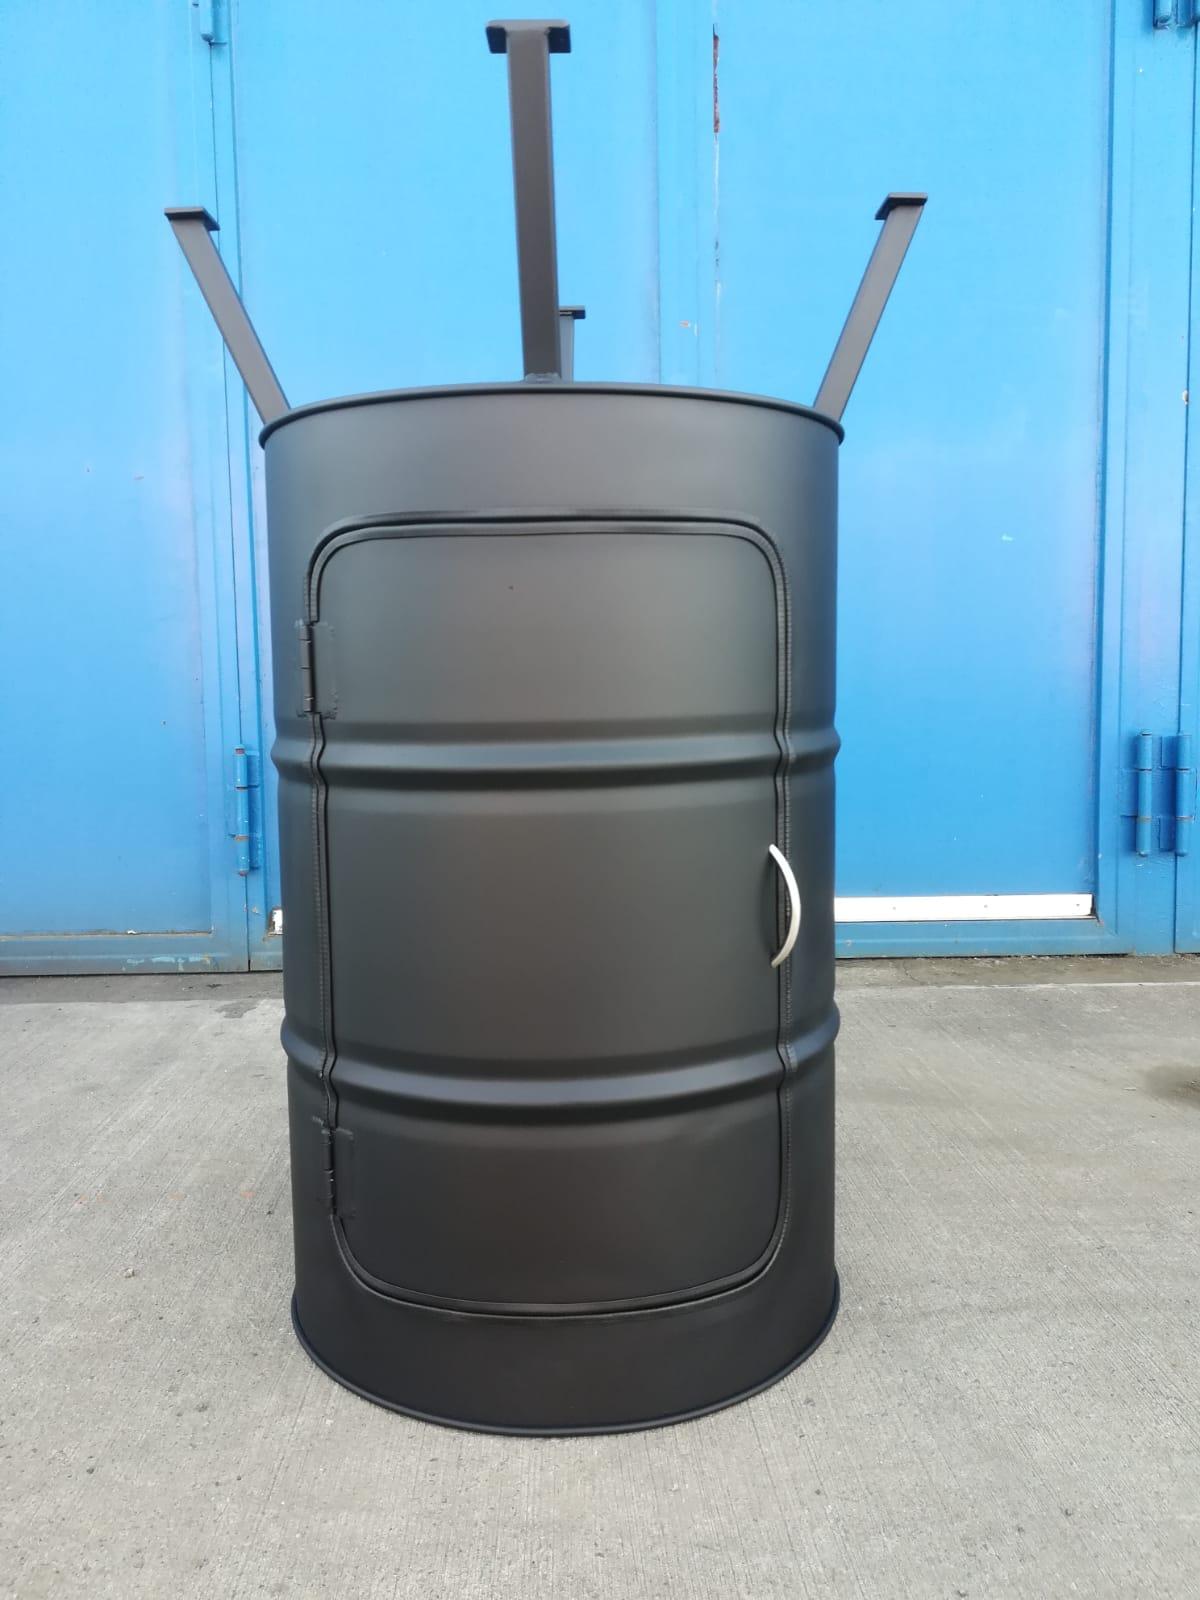 Ölfassstehtisch mit Tür - schwarz matt